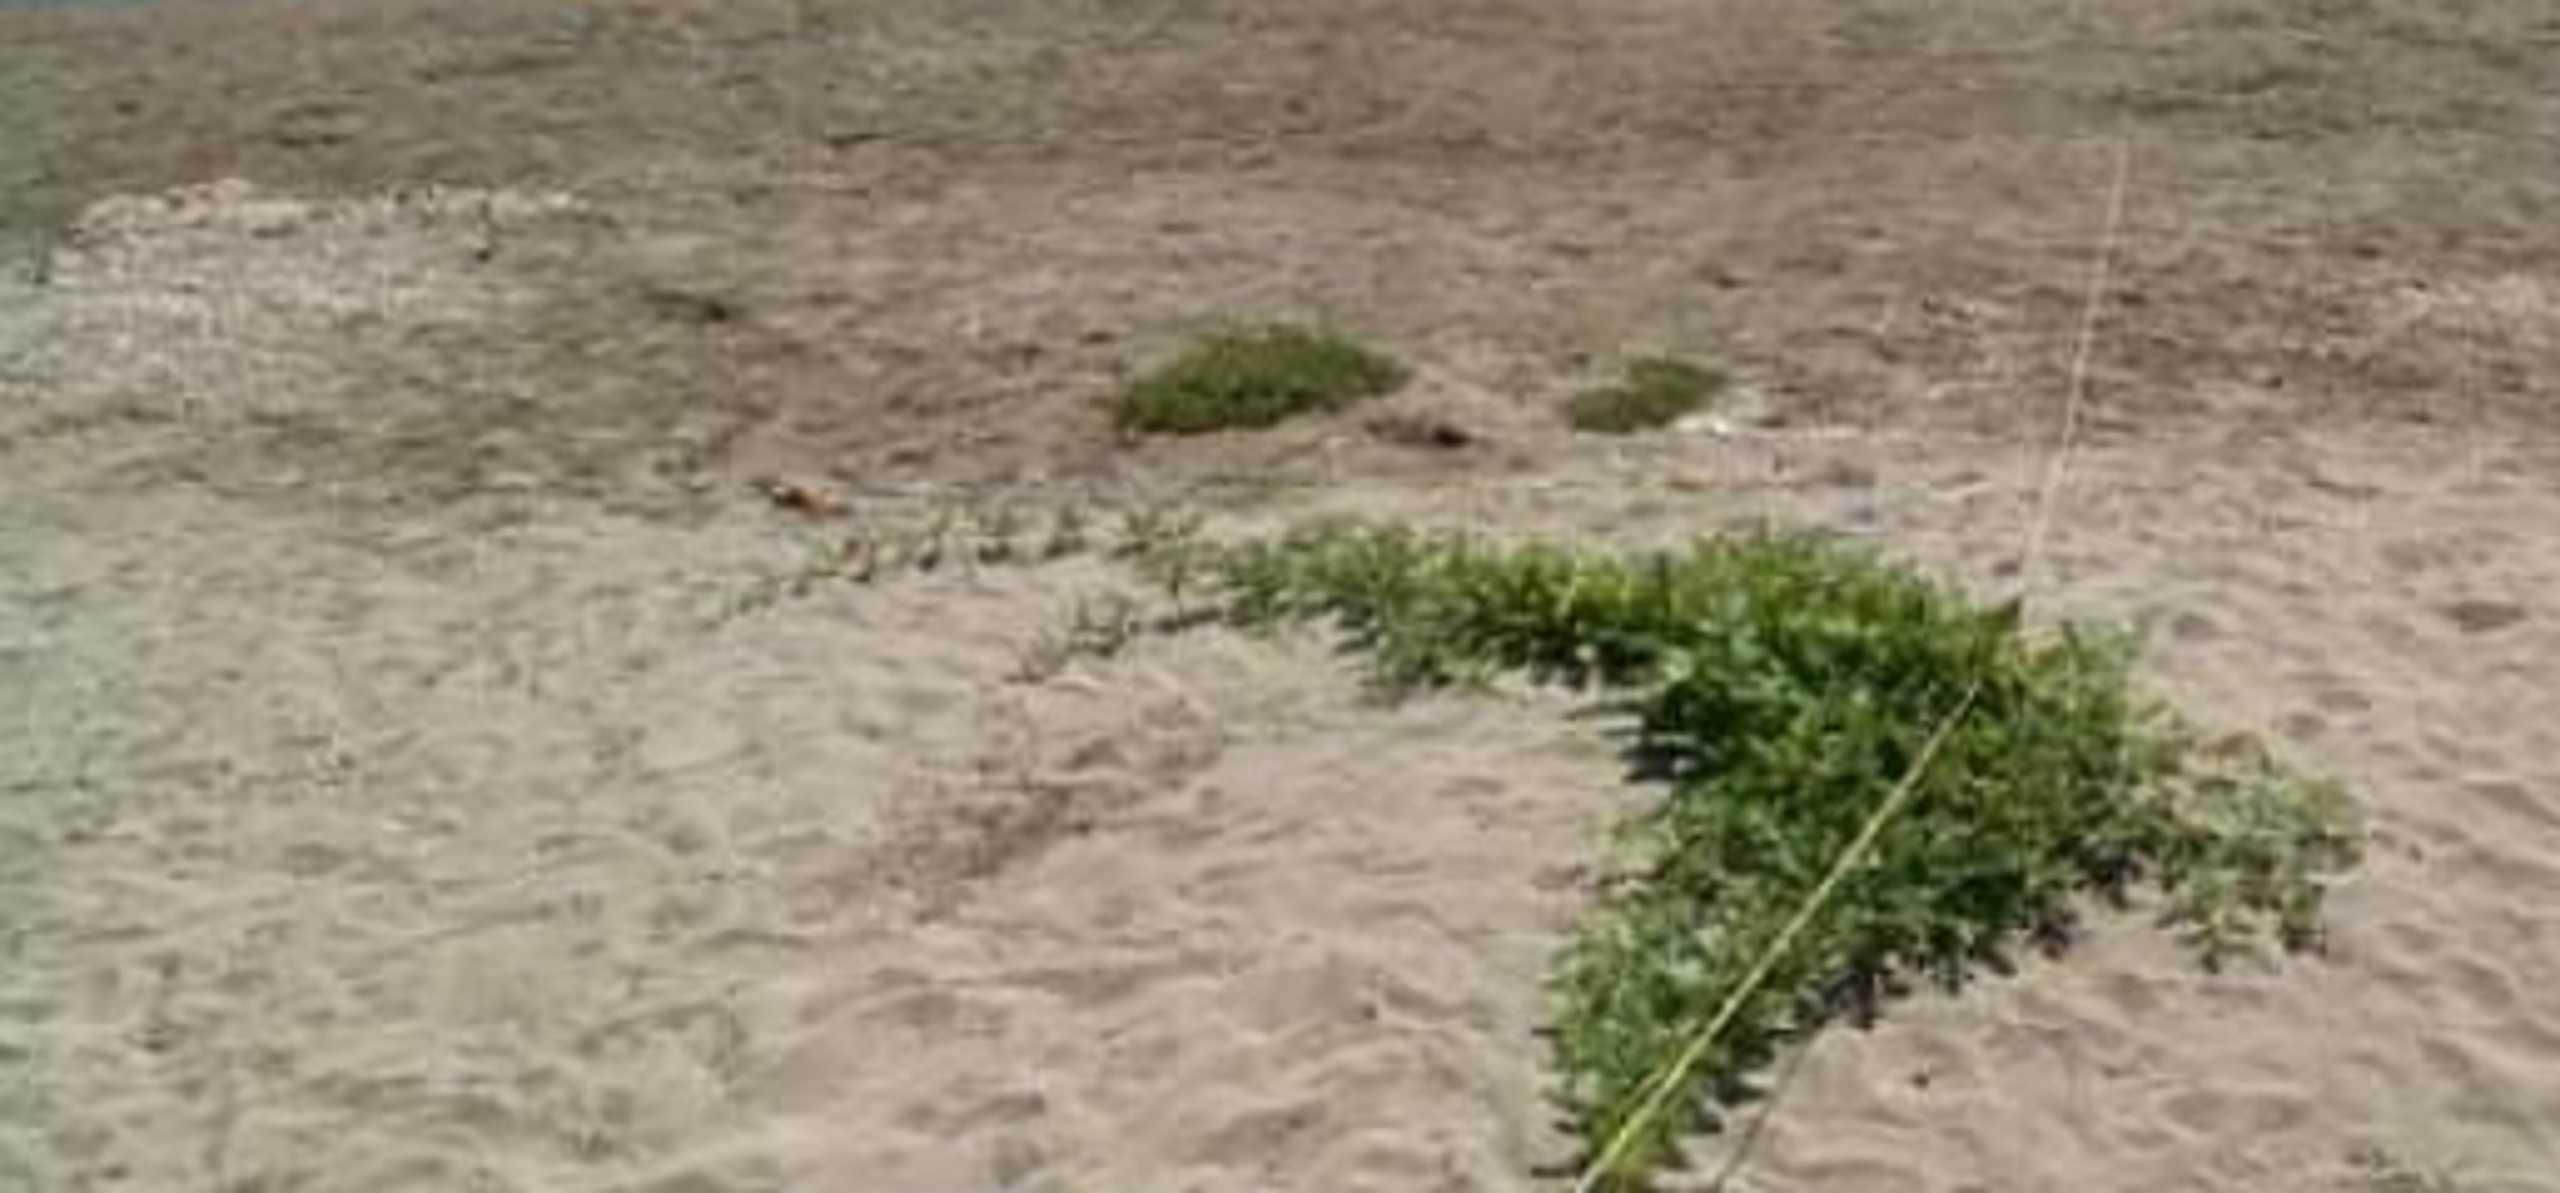 Κρήτη: Φύτρωσε καρπουζιά στην άμμο ελάχιστα μέτρα από τη θάλασσα